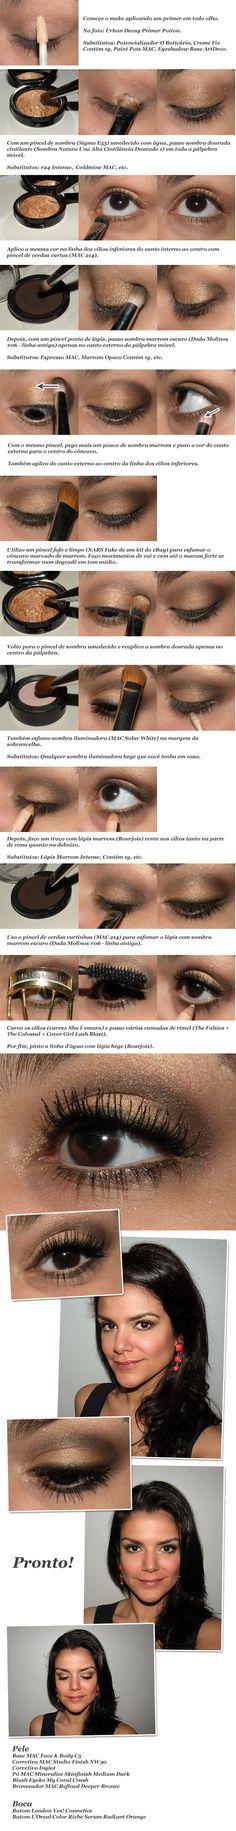 Gold and dark brown/espresso eyeshadow tutorial